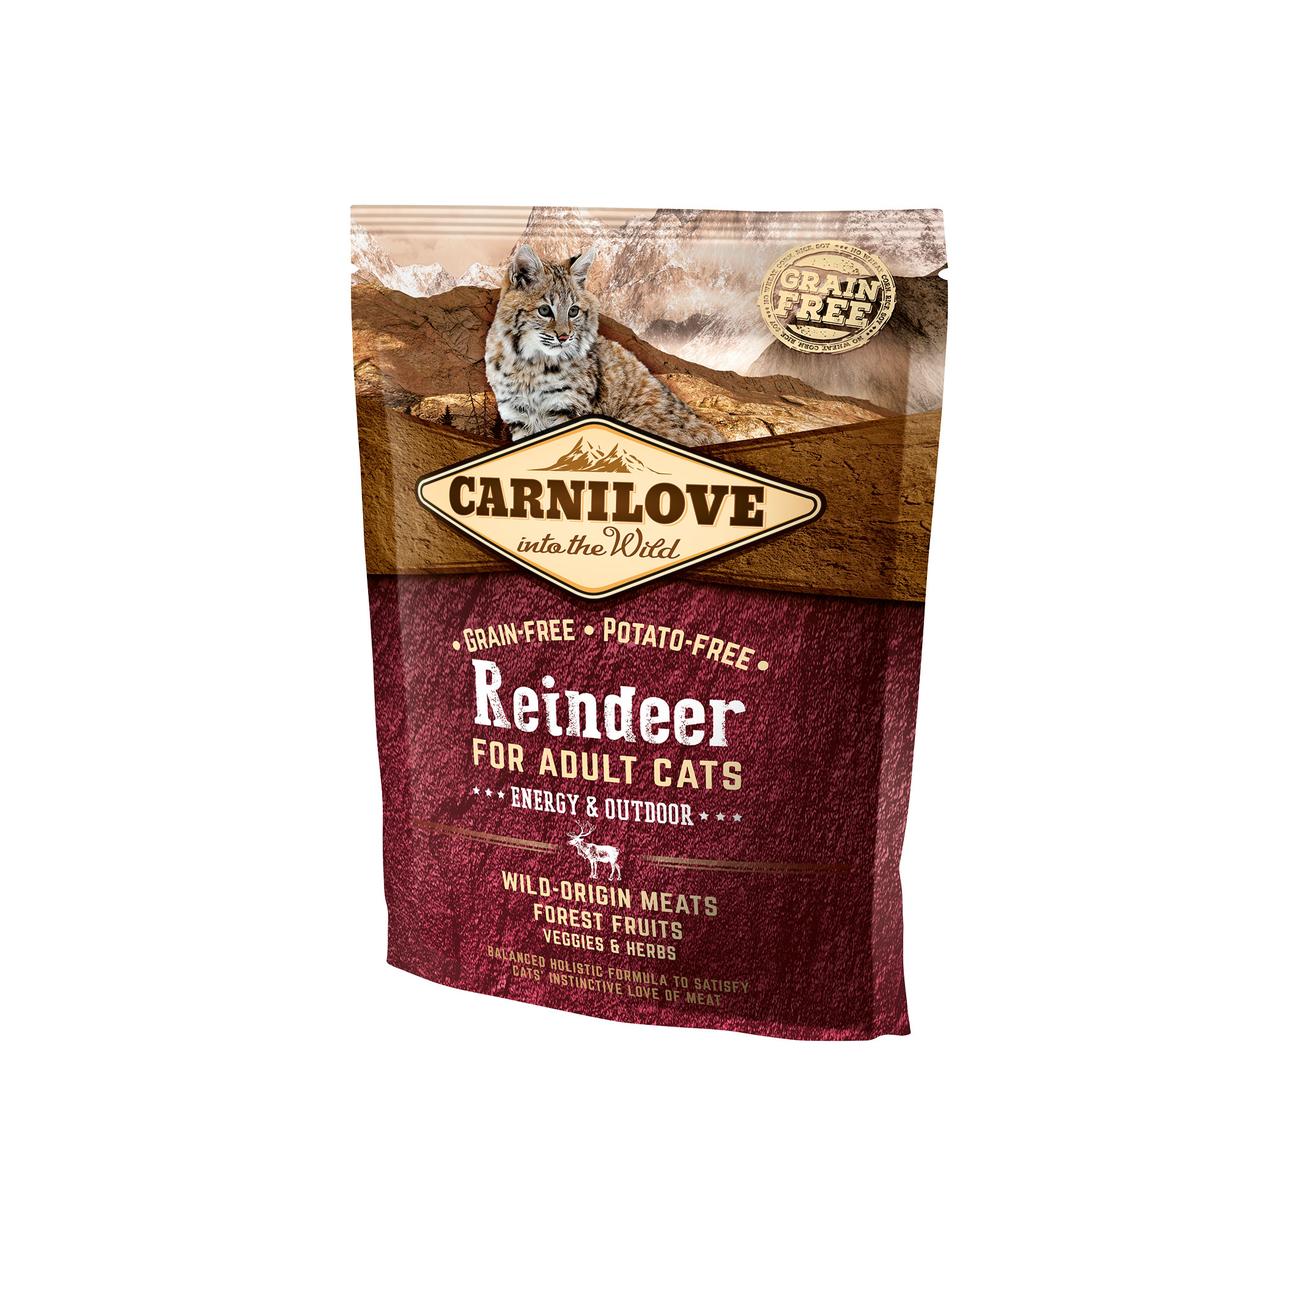 Carnilove Adult Reindeer Energy & Outdoor für Freigänger Katzen, Bild 3